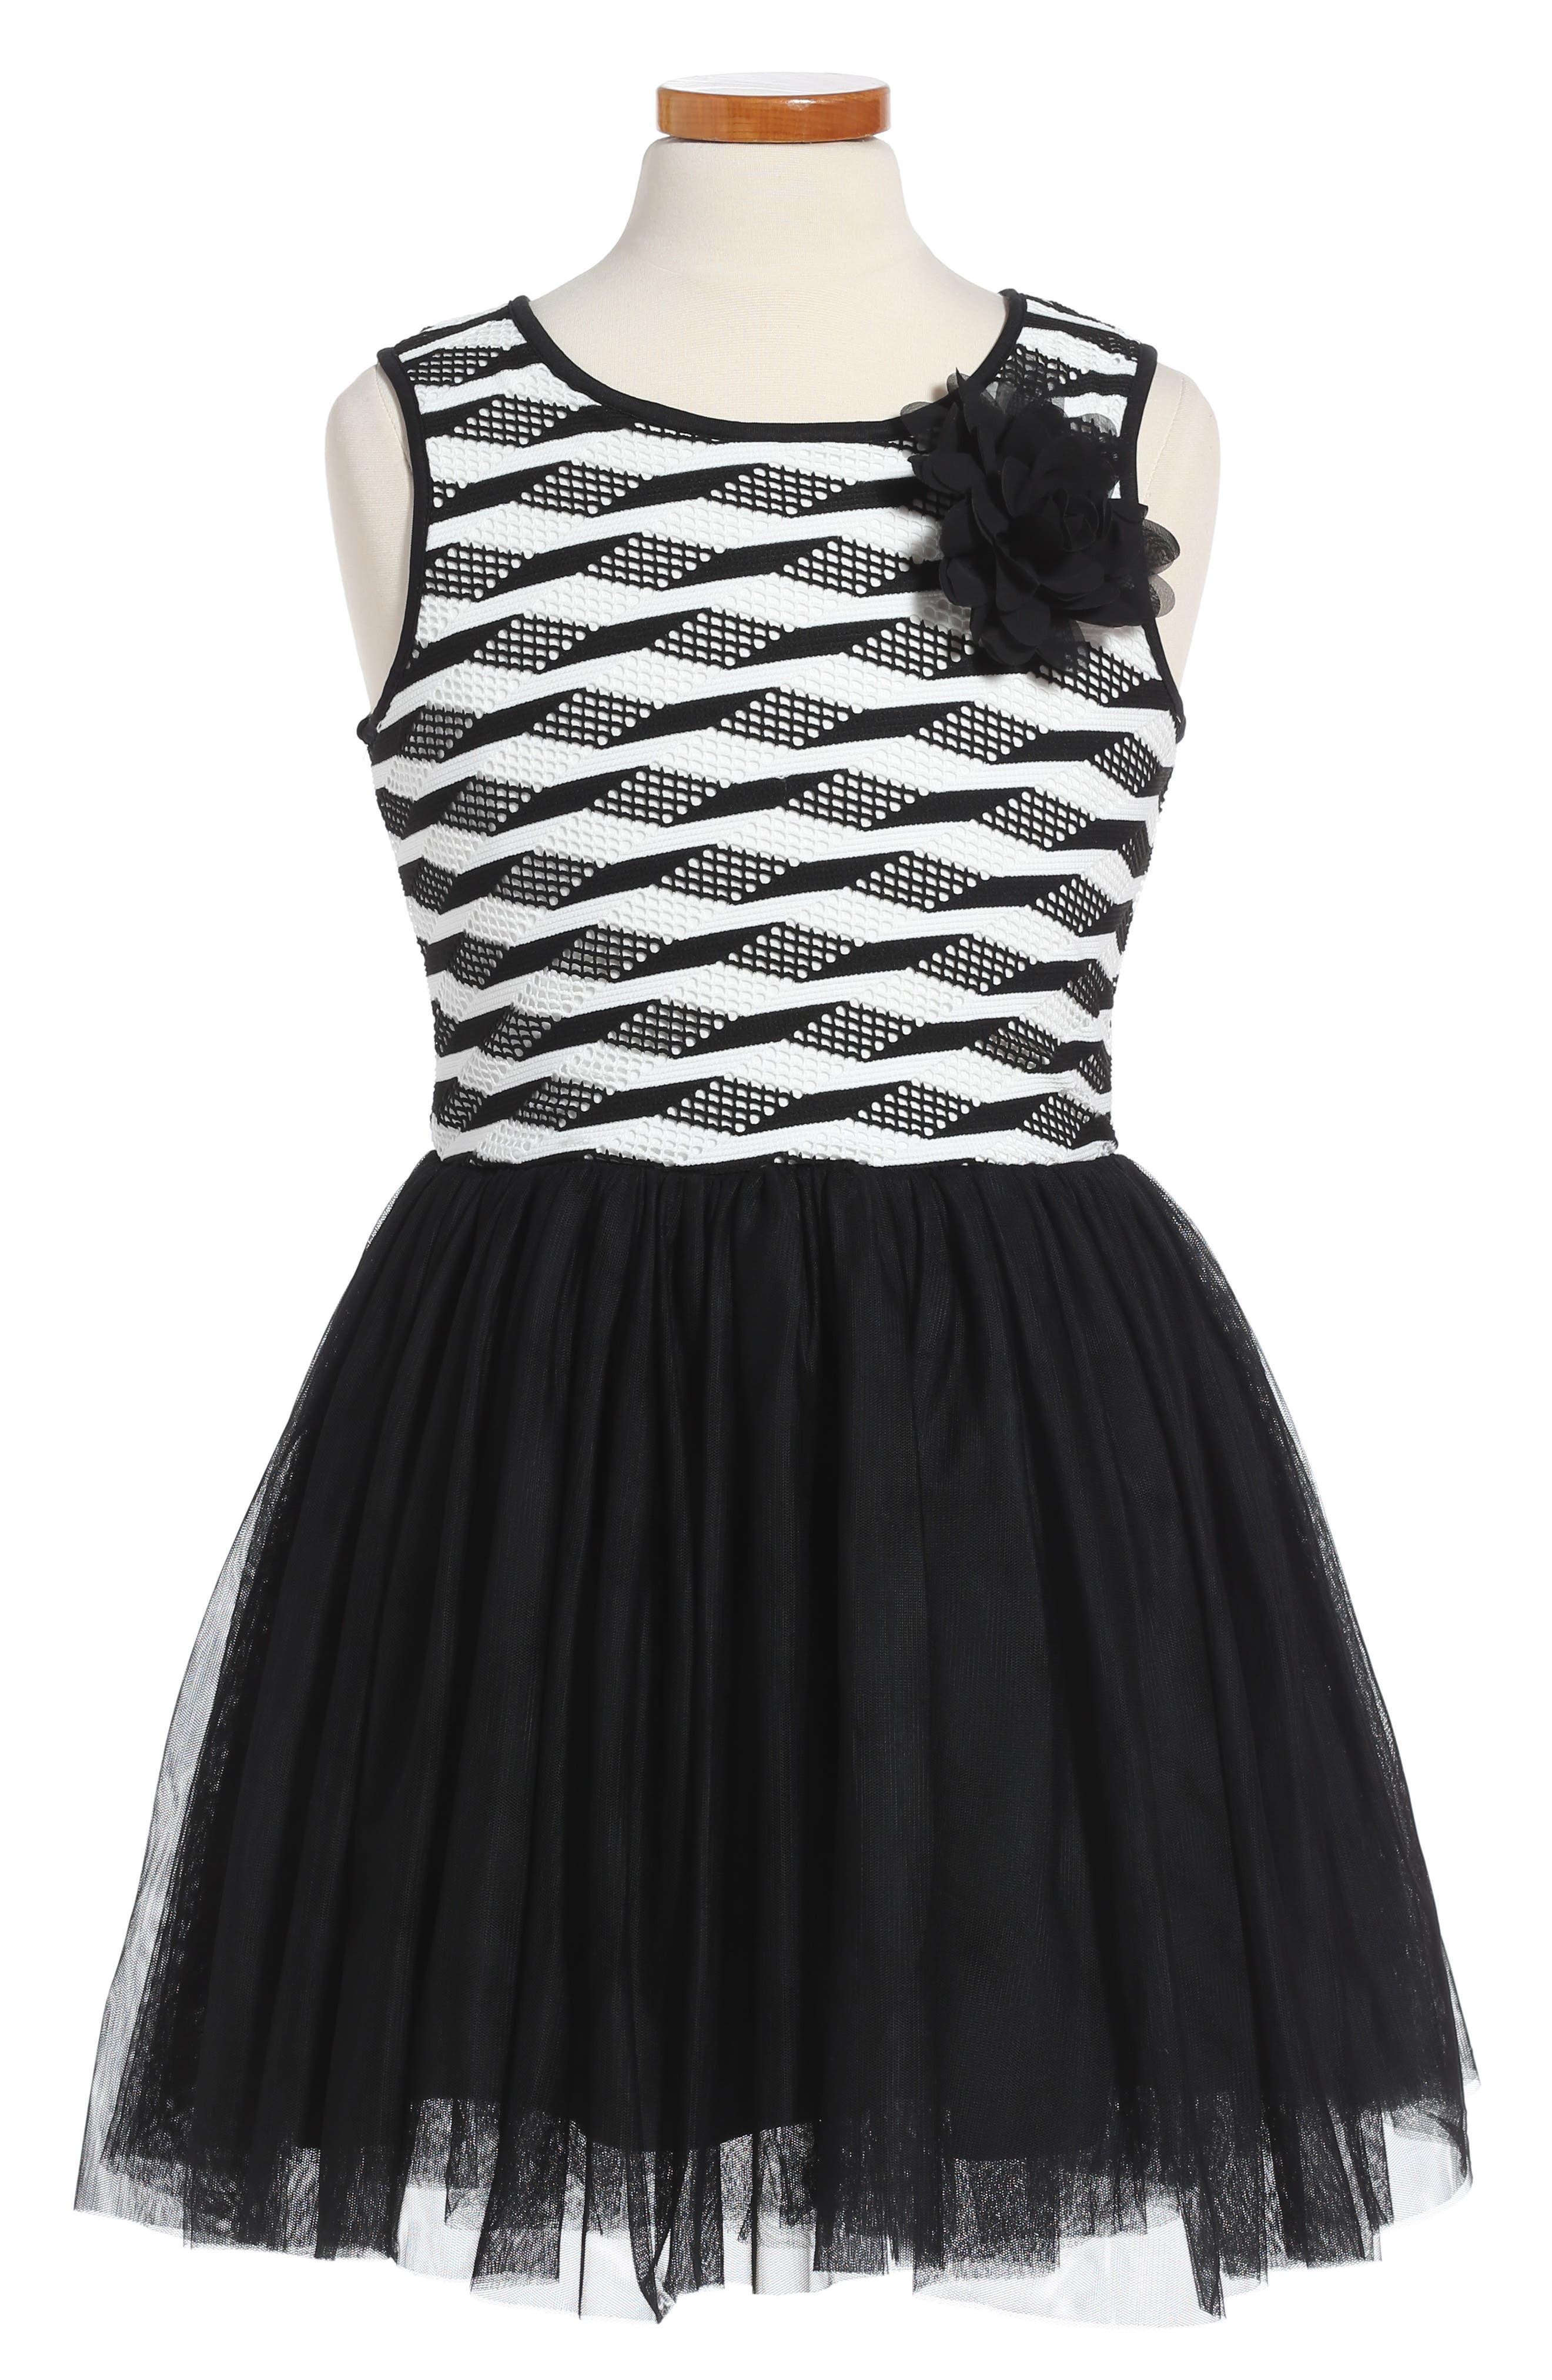 Stripe Tutu Dress,                             Main thumbnail 1, color,                             Black/ White